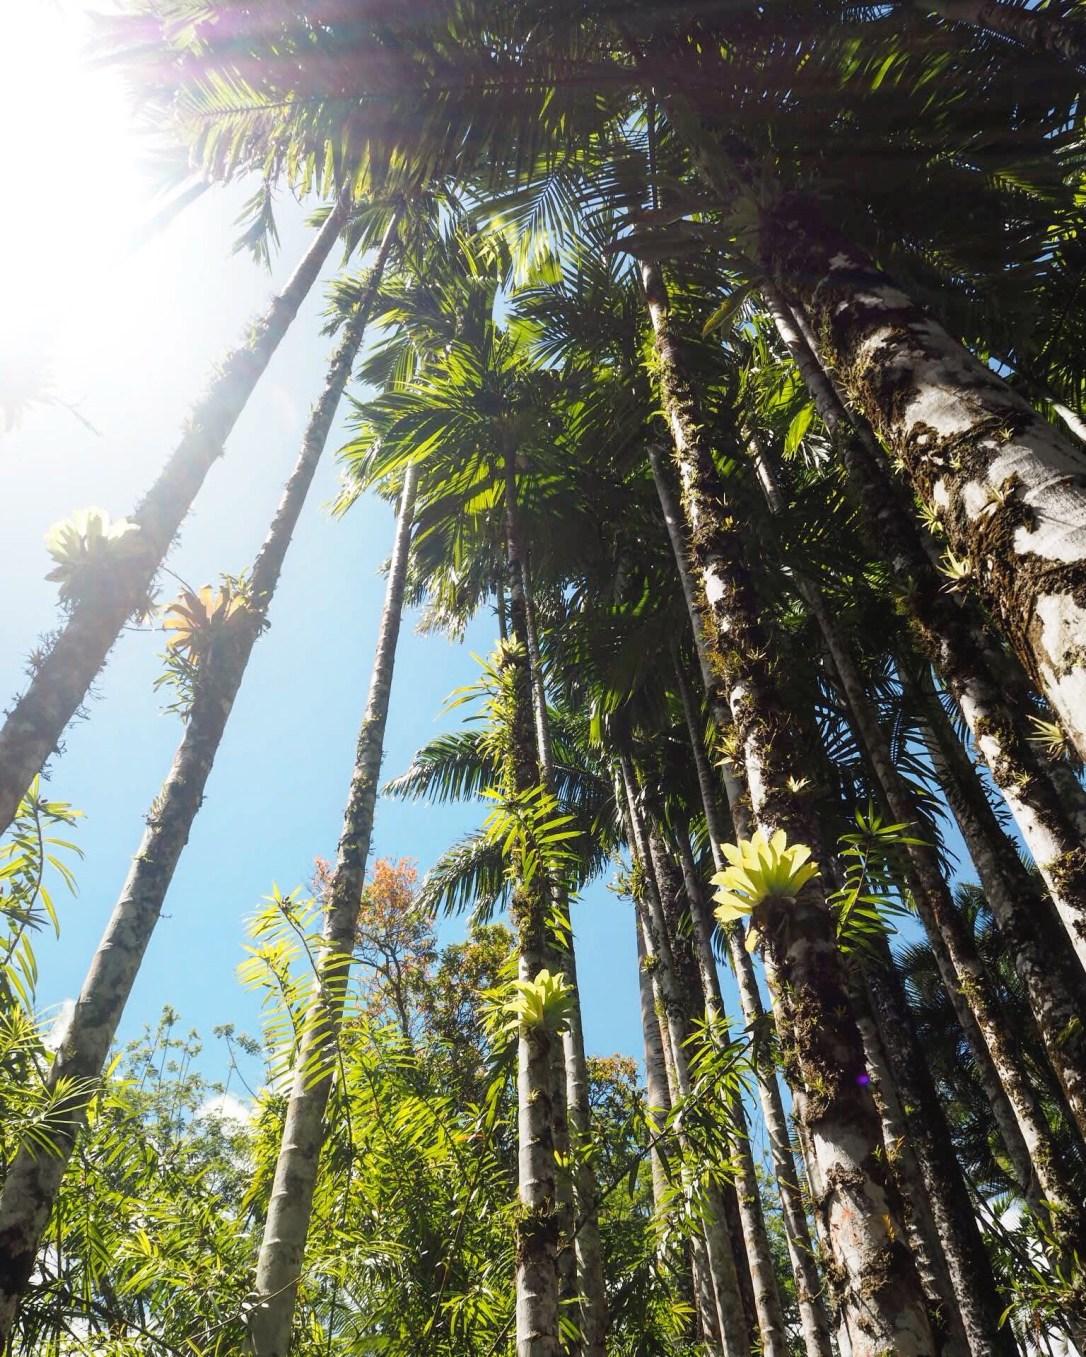 Amazing palm trees stretching upwards